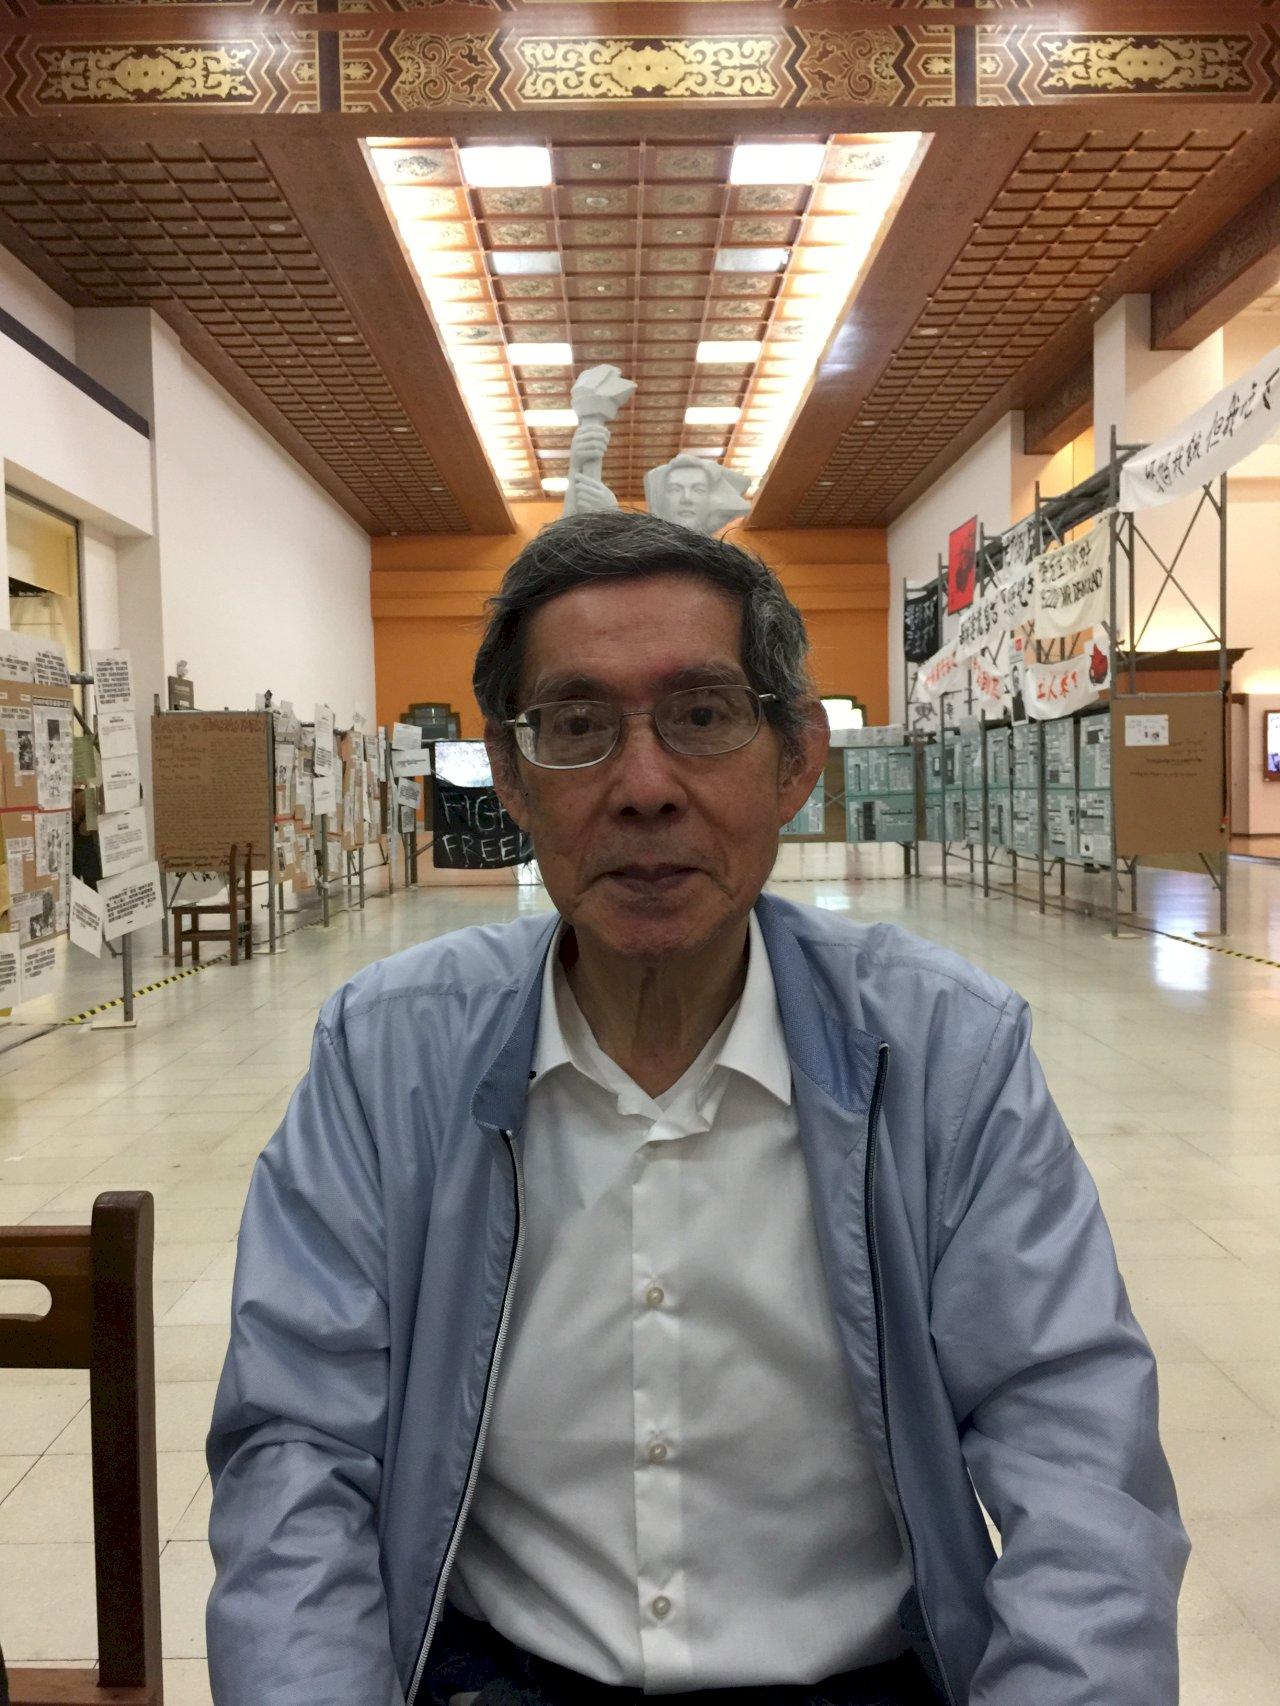 洪哲勝-另類台獨工作者 一生志業竟然是推動中國民主化